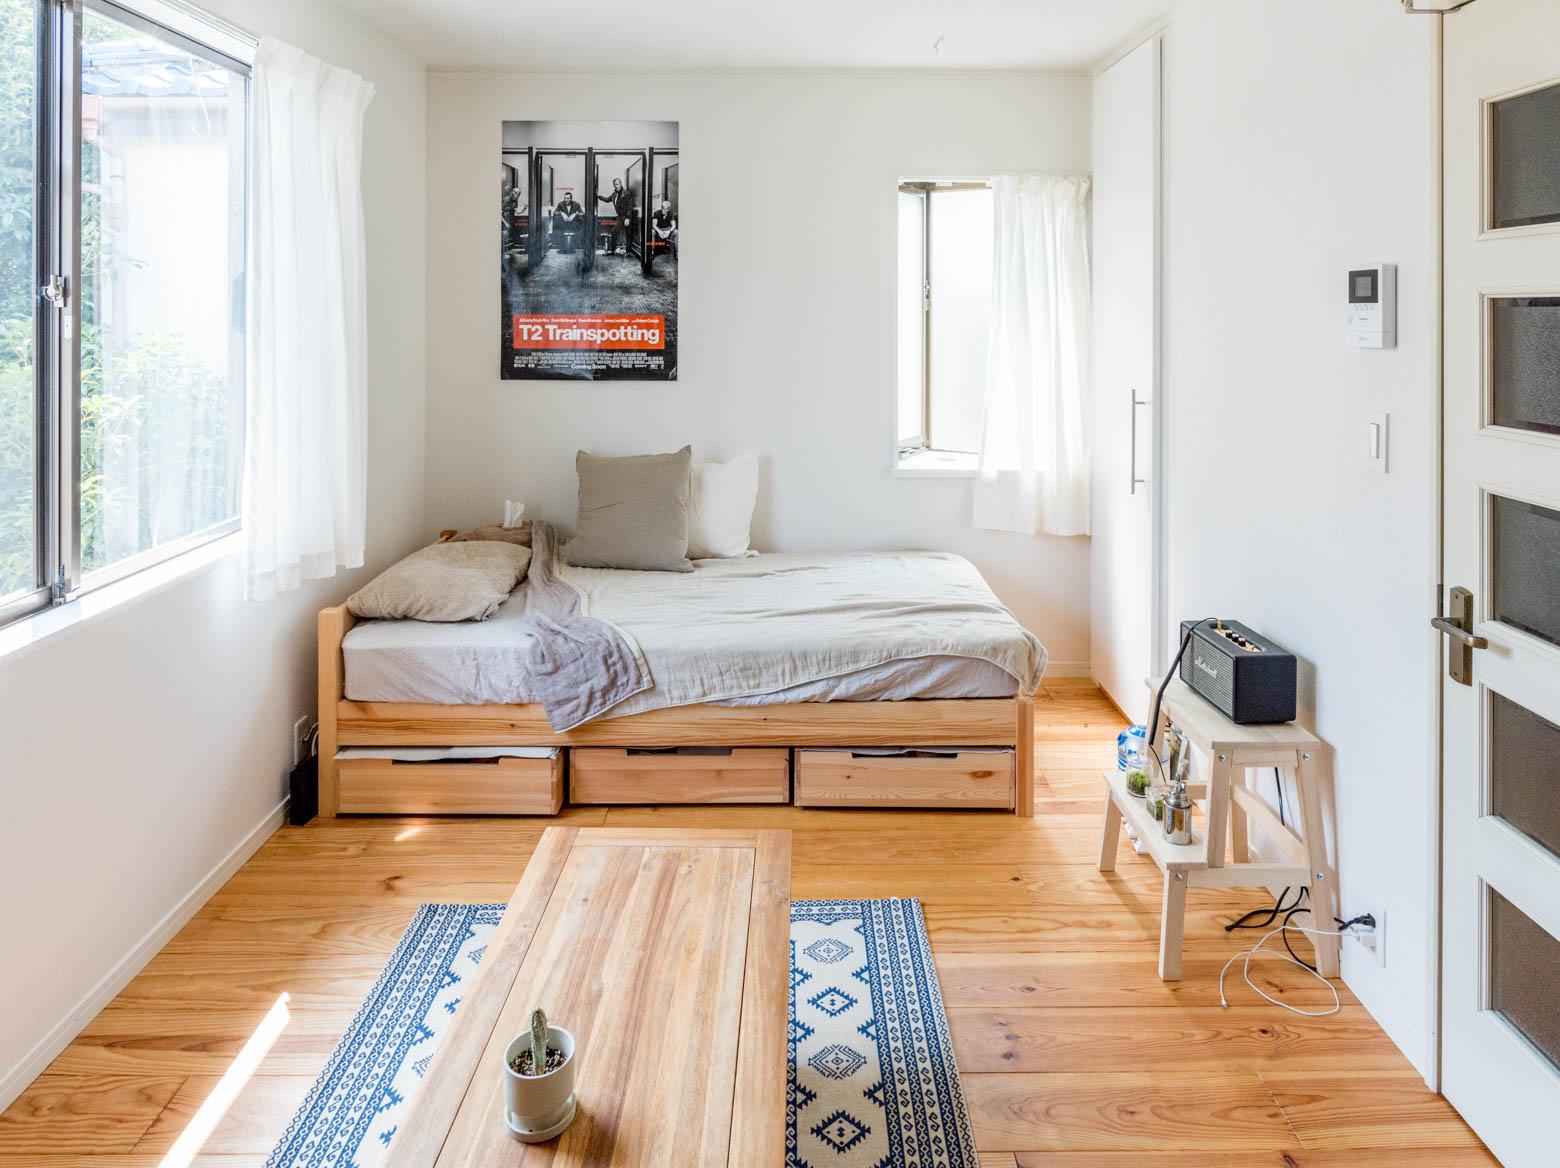 定番中の定番ですが、シンプルで長く使える無印良品のベッドは、goodroomスタッフにも愛用者がたくさんいます。(このお部屋はこちら)